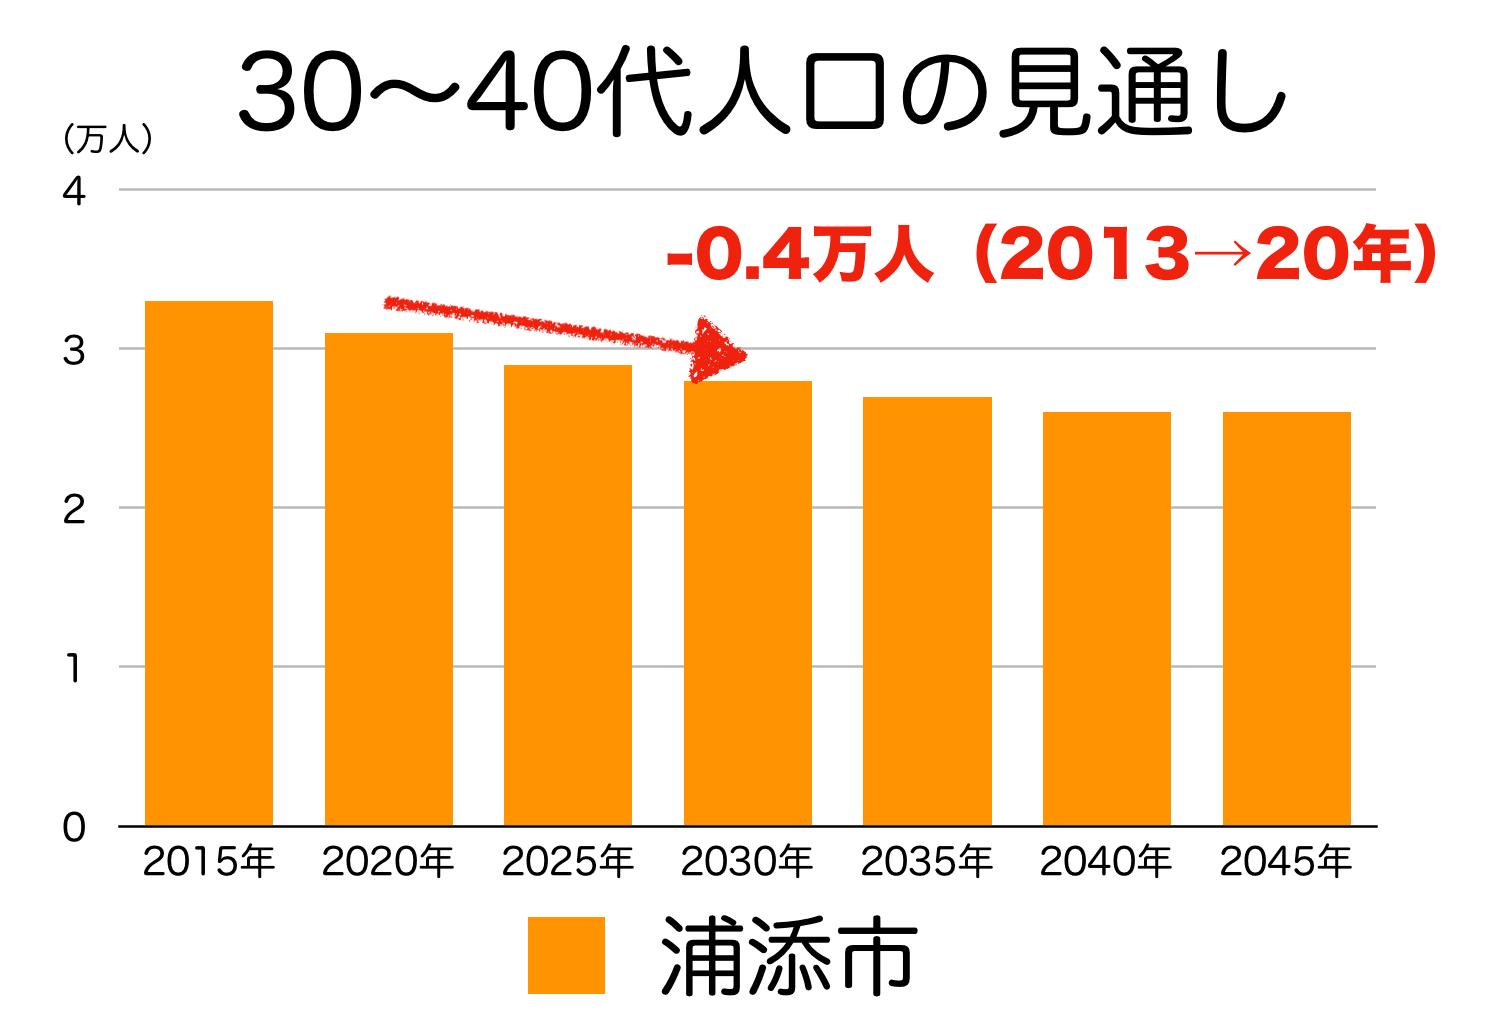 浦添市の30〜40代人口の予測